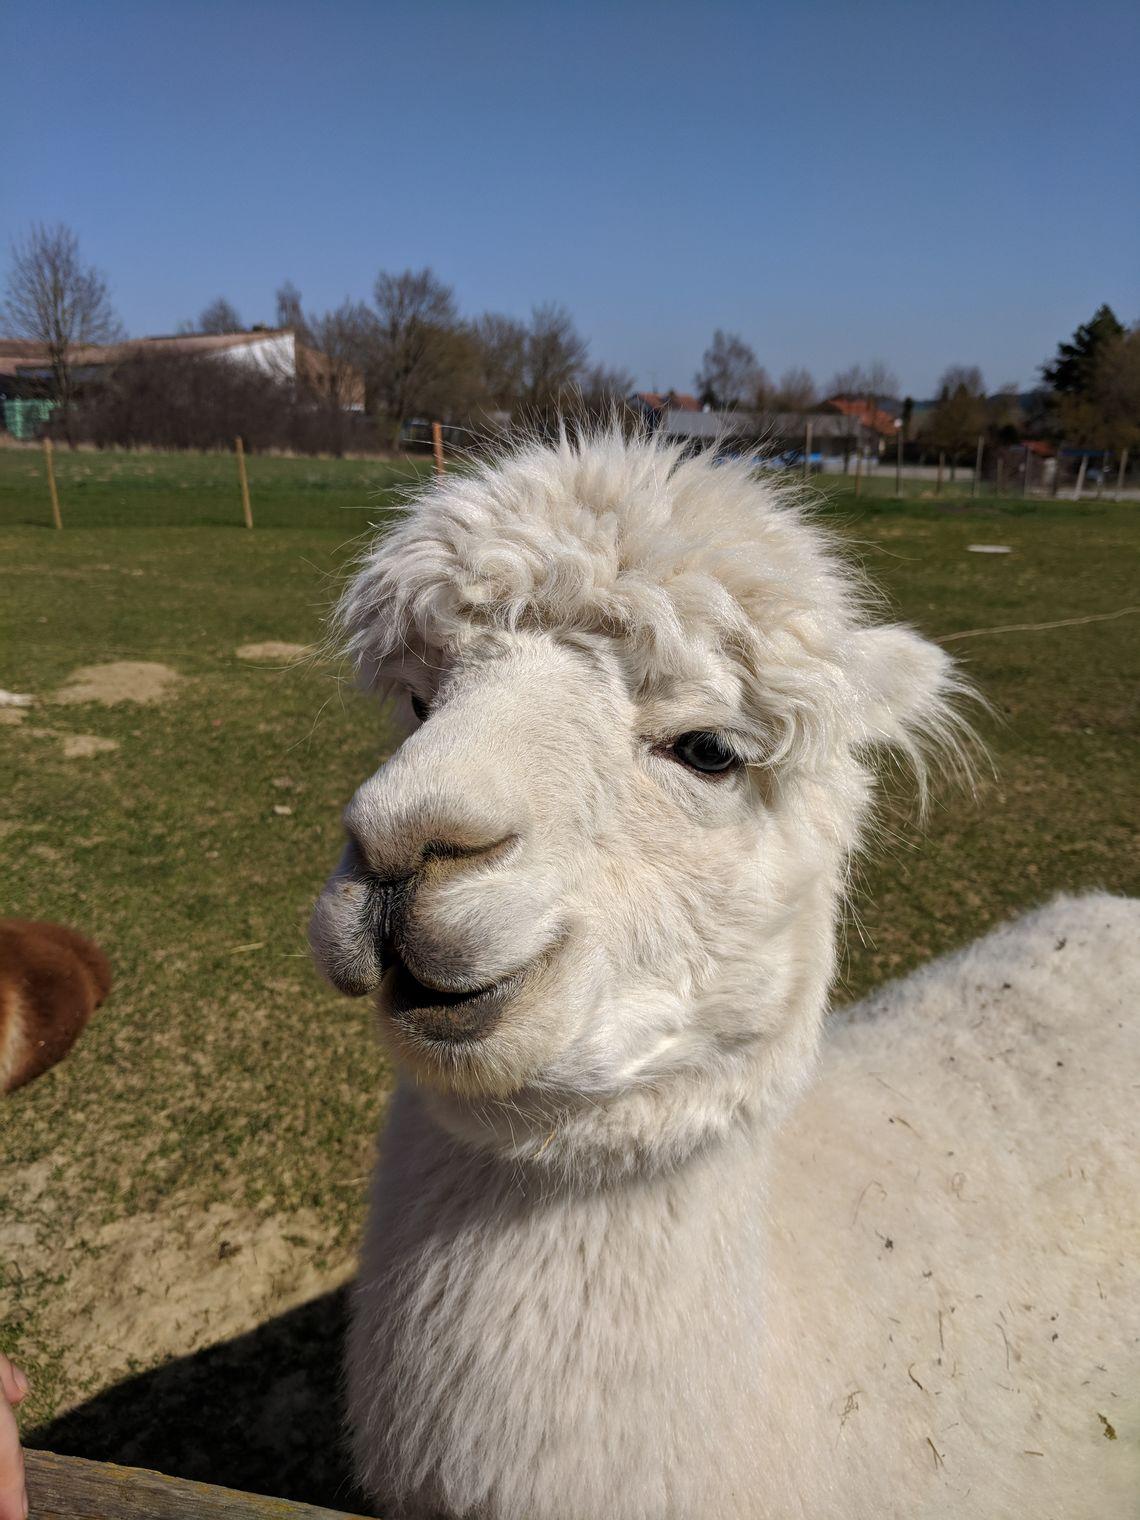 Das ist übrigens Fernando. Das Alpaka, das uns die Augen öffnen konnte.